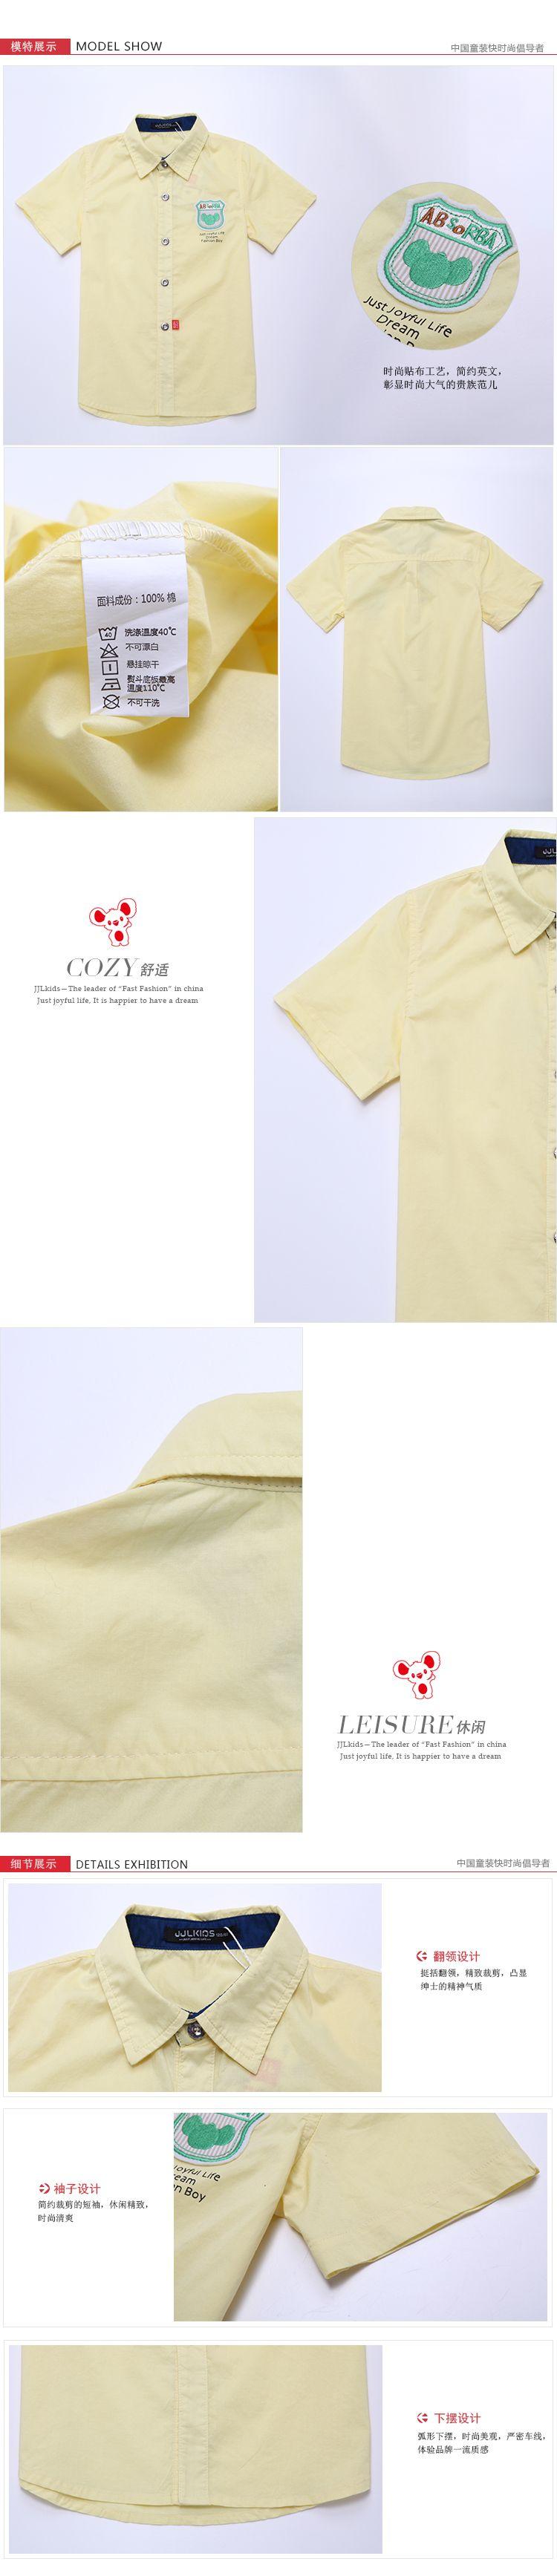 黄色幻灯片底板素材